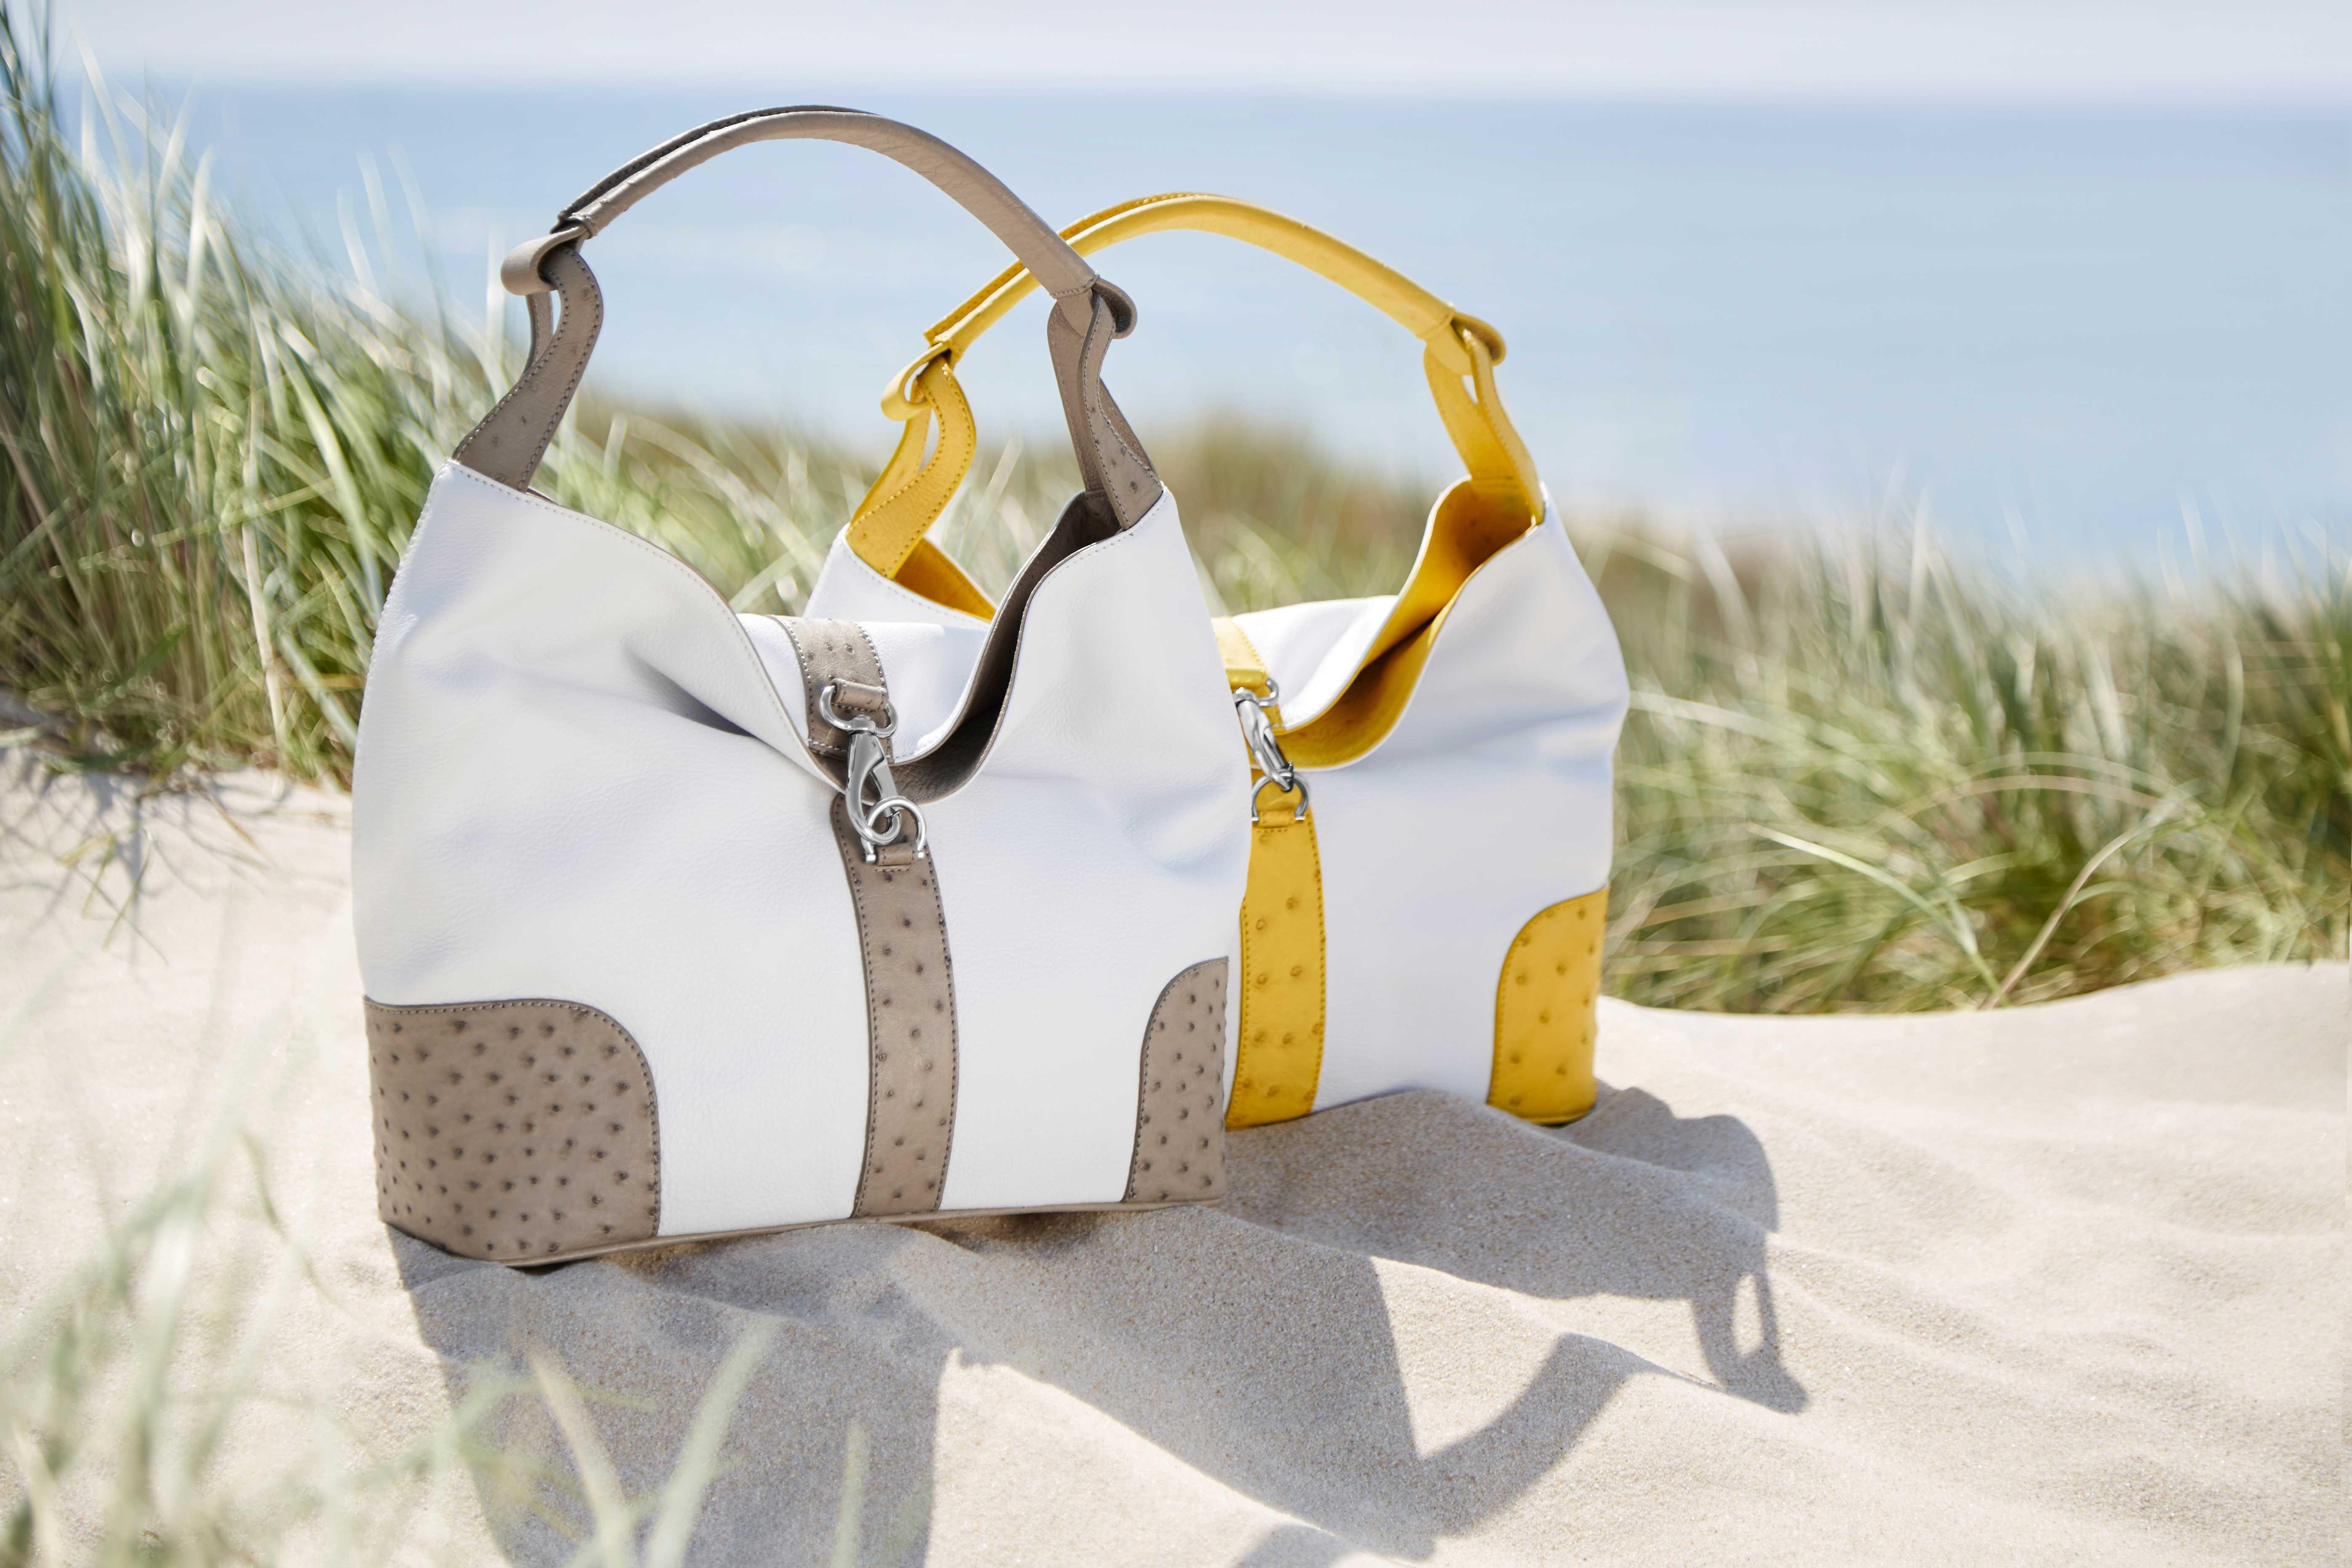 handtasche-straussenleder-kabo-summerbag_taupe_sun_doppel_lifestyle-sylt-sand_web